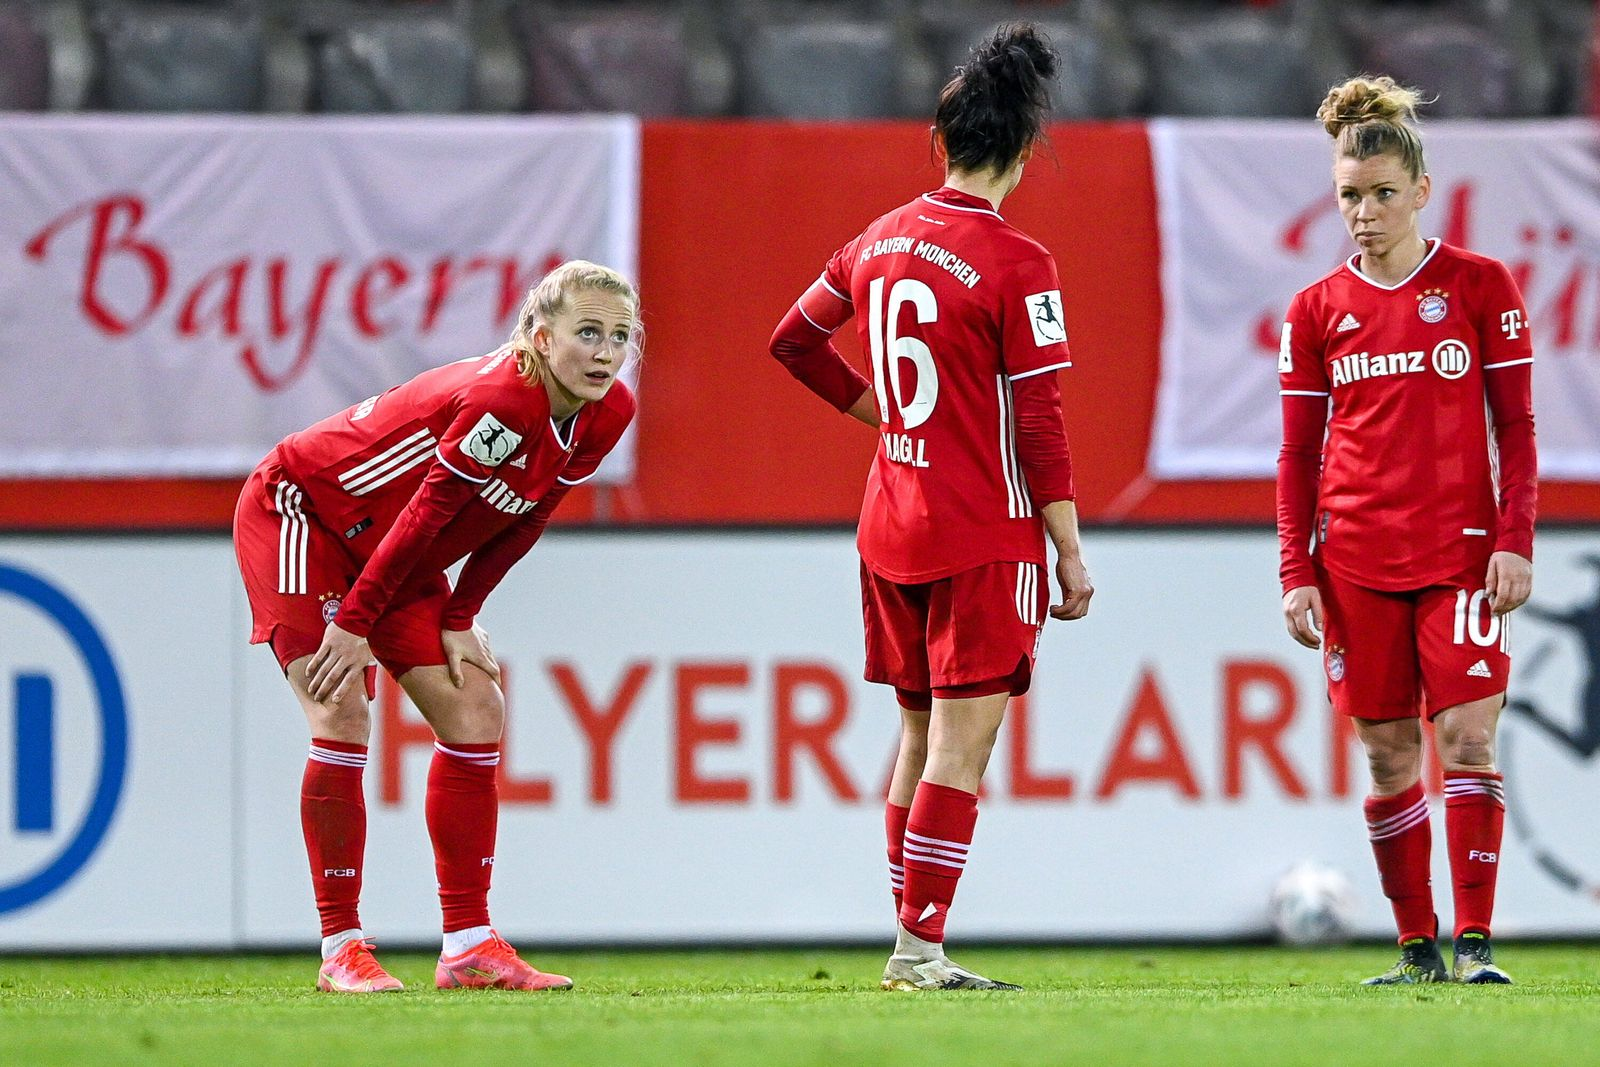 v.li.: Lea Schüller (FC Bayern München, FCB, 11) Lina Maria Magull (FC Bayern München, FCB, 16) Linda Dallmann (FC Baye